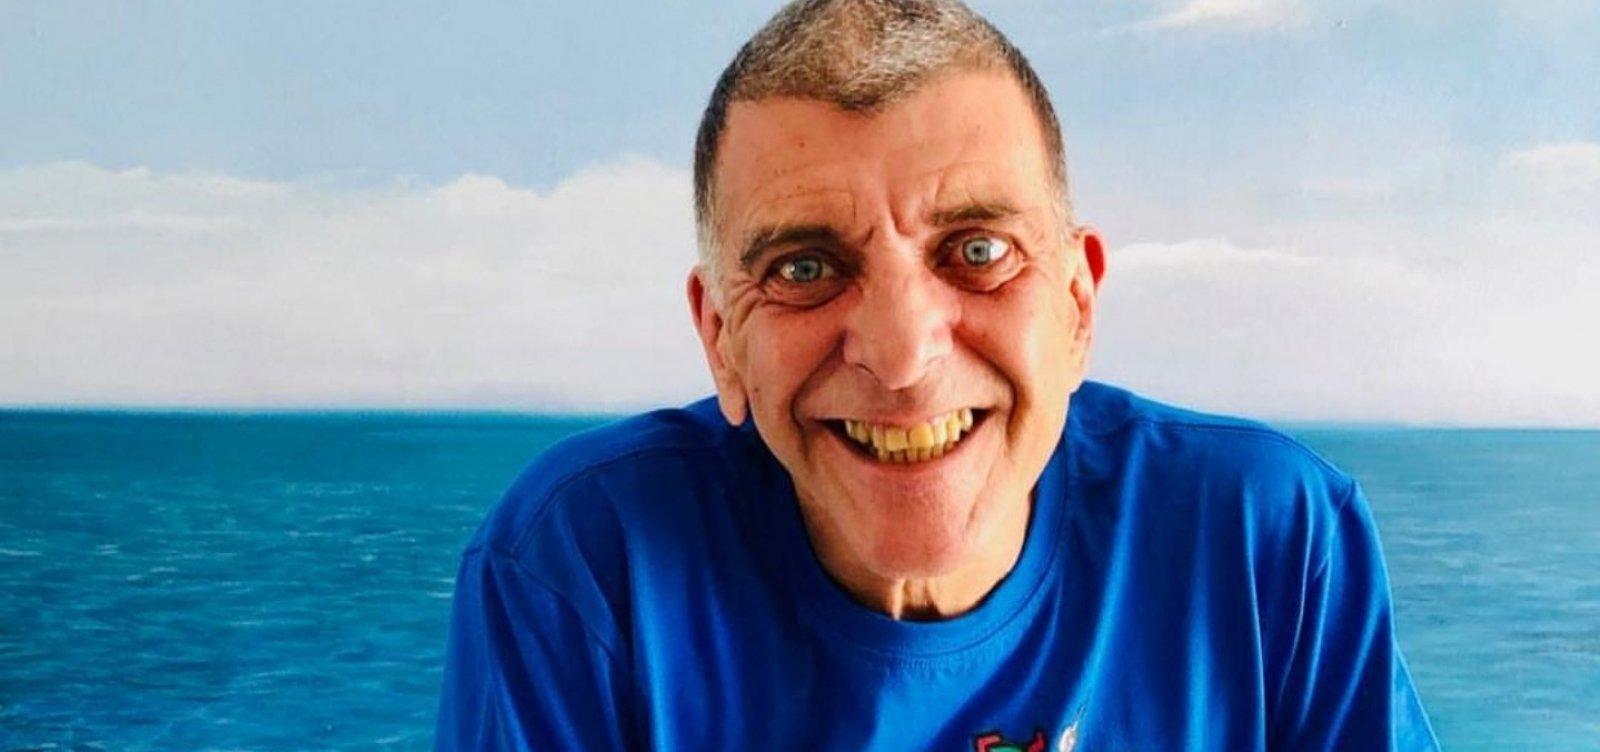 Diretor Jorge Fernando morre aos 64 anos